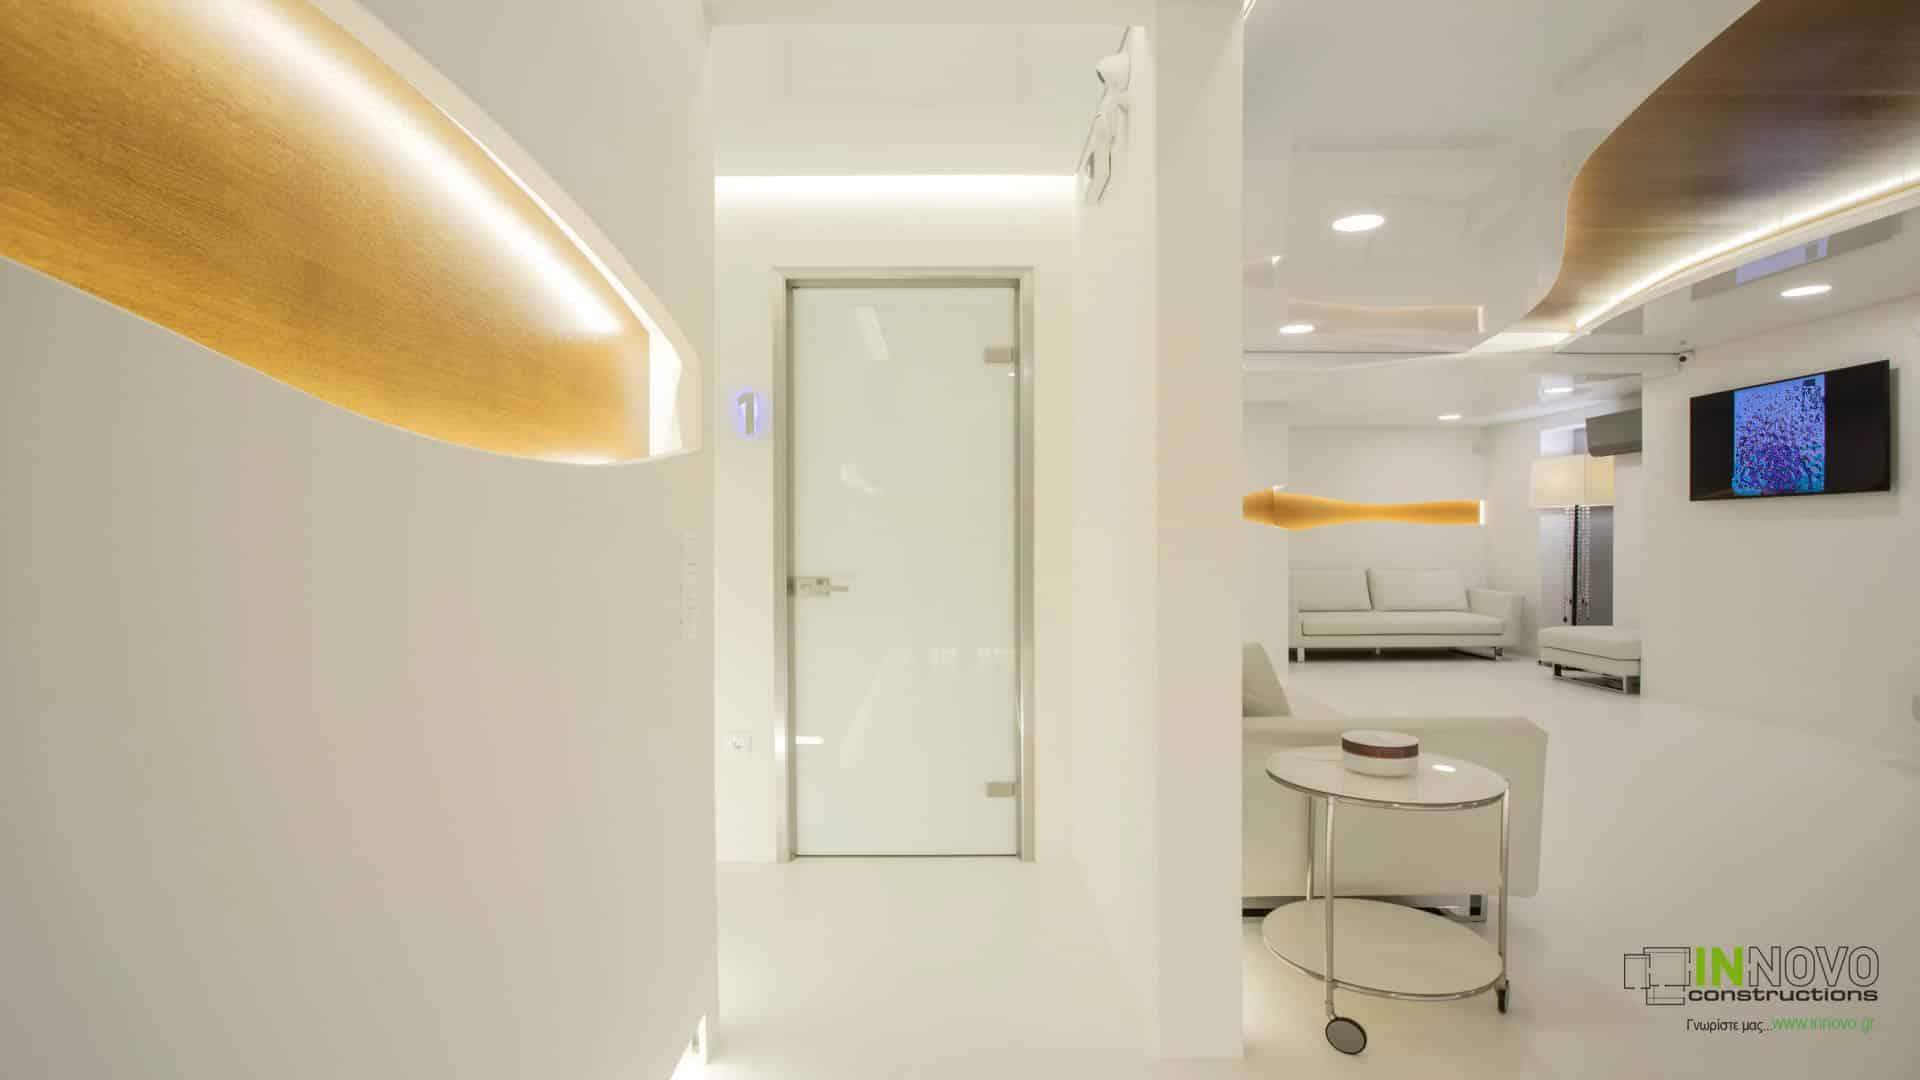 Μελέτη σχεδιασμού ρινοπλαστικής κλινικής στην Παλλήνη